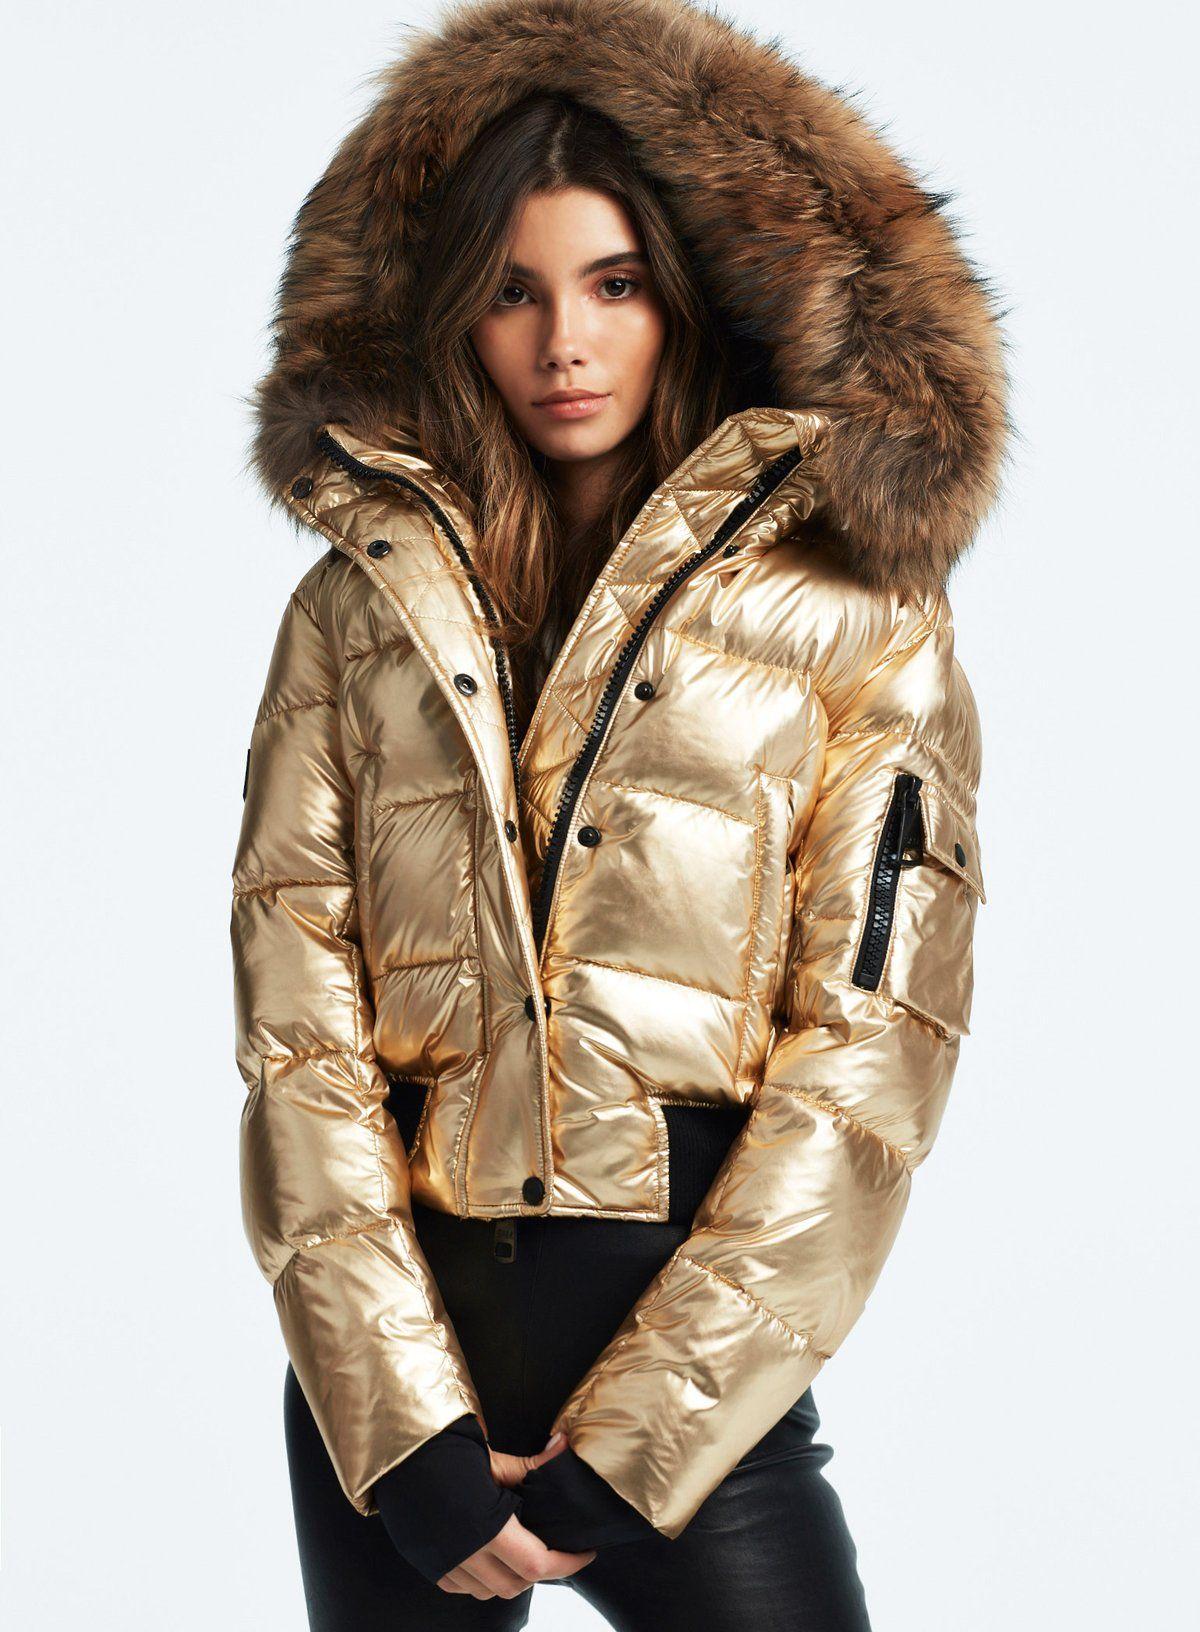 Skyler Gold Puffer Jacket Women Chic Winter Outfits Jackets [ 1632 x 1200 Pixel ]